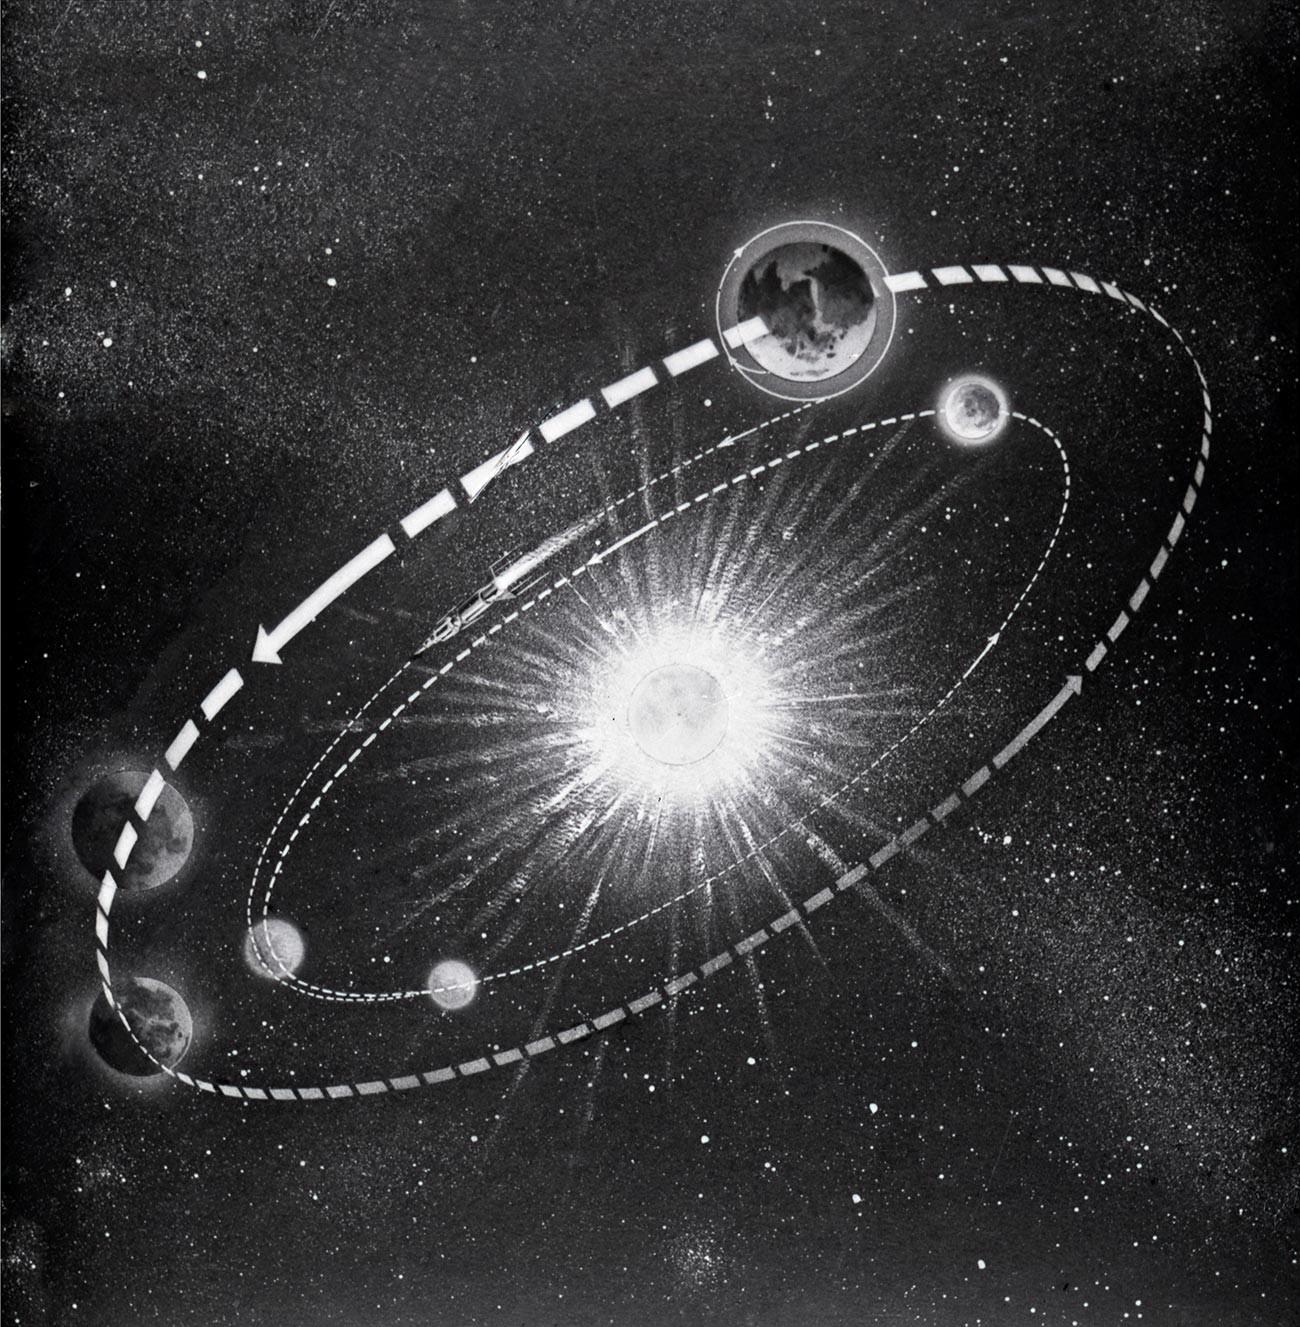 Il diagramma di volo della navicella spaziale